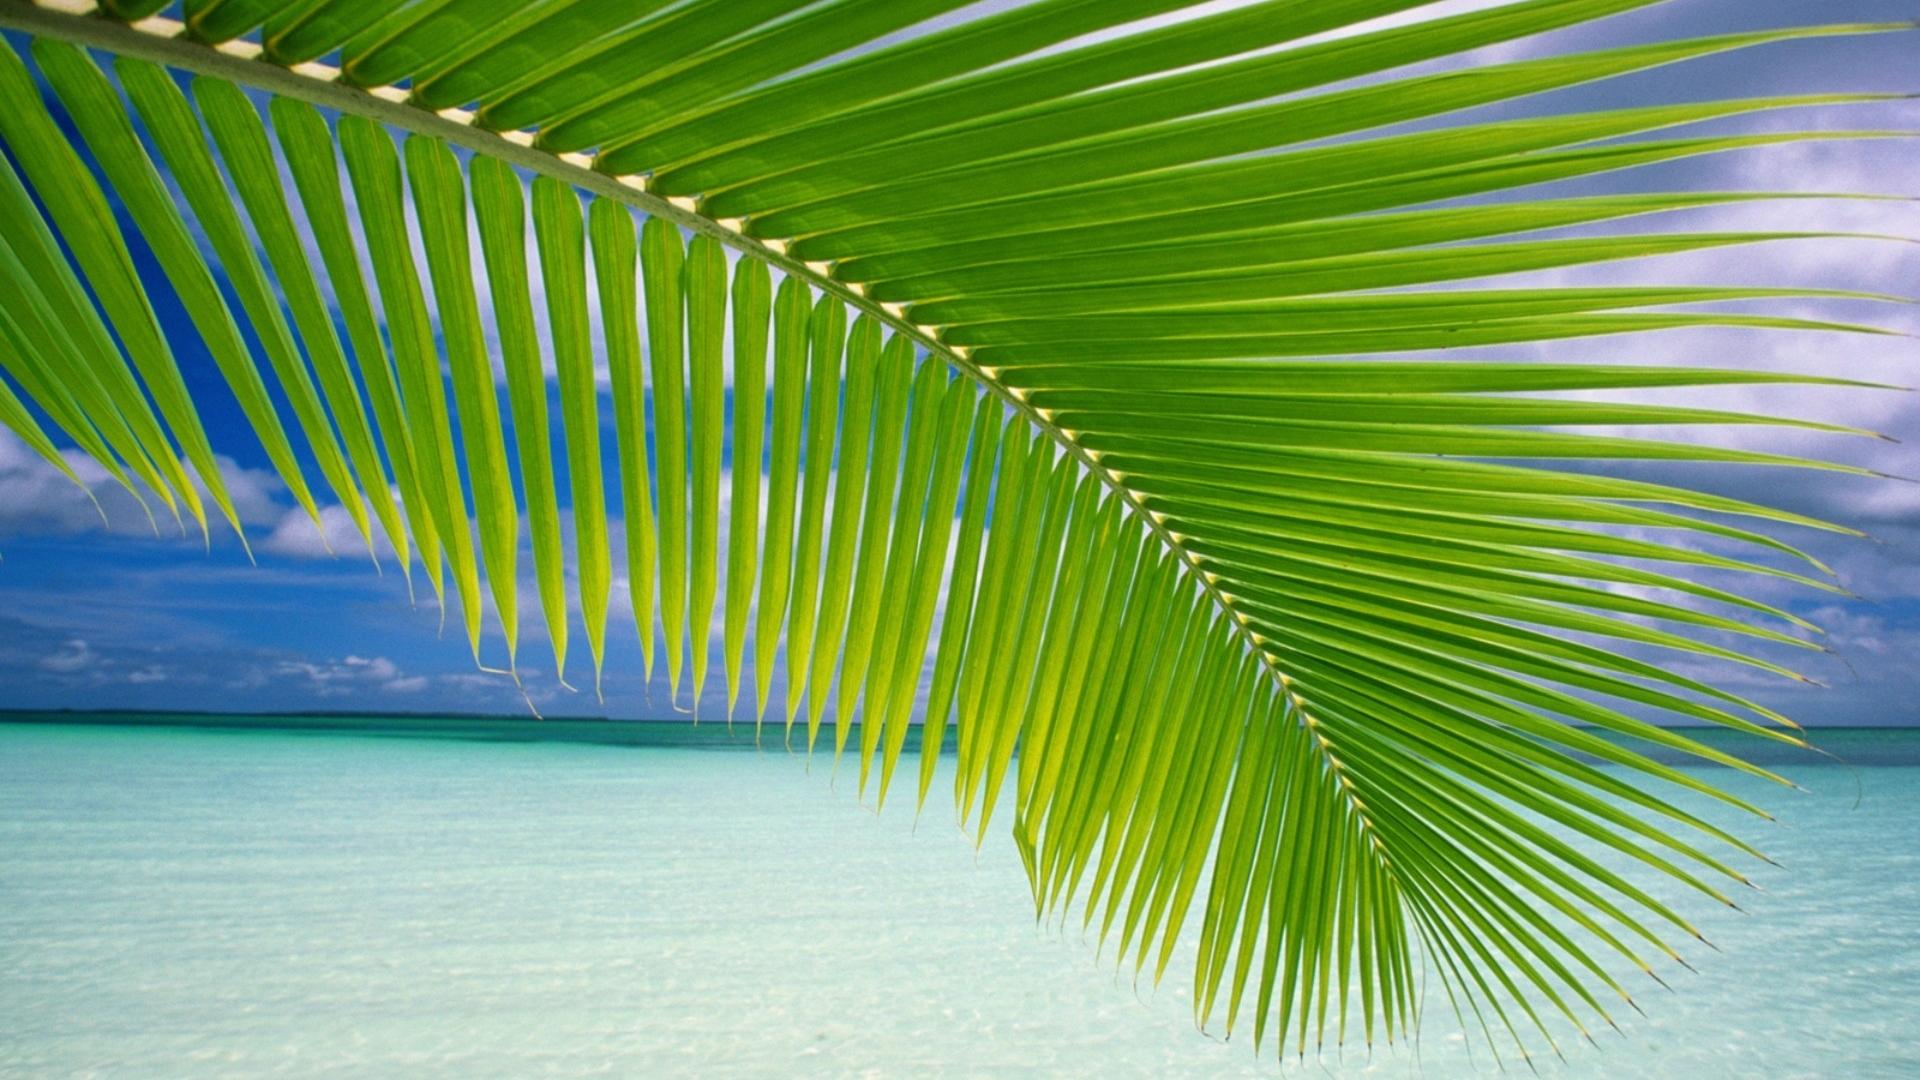 Hình nền lá dừa trên biển